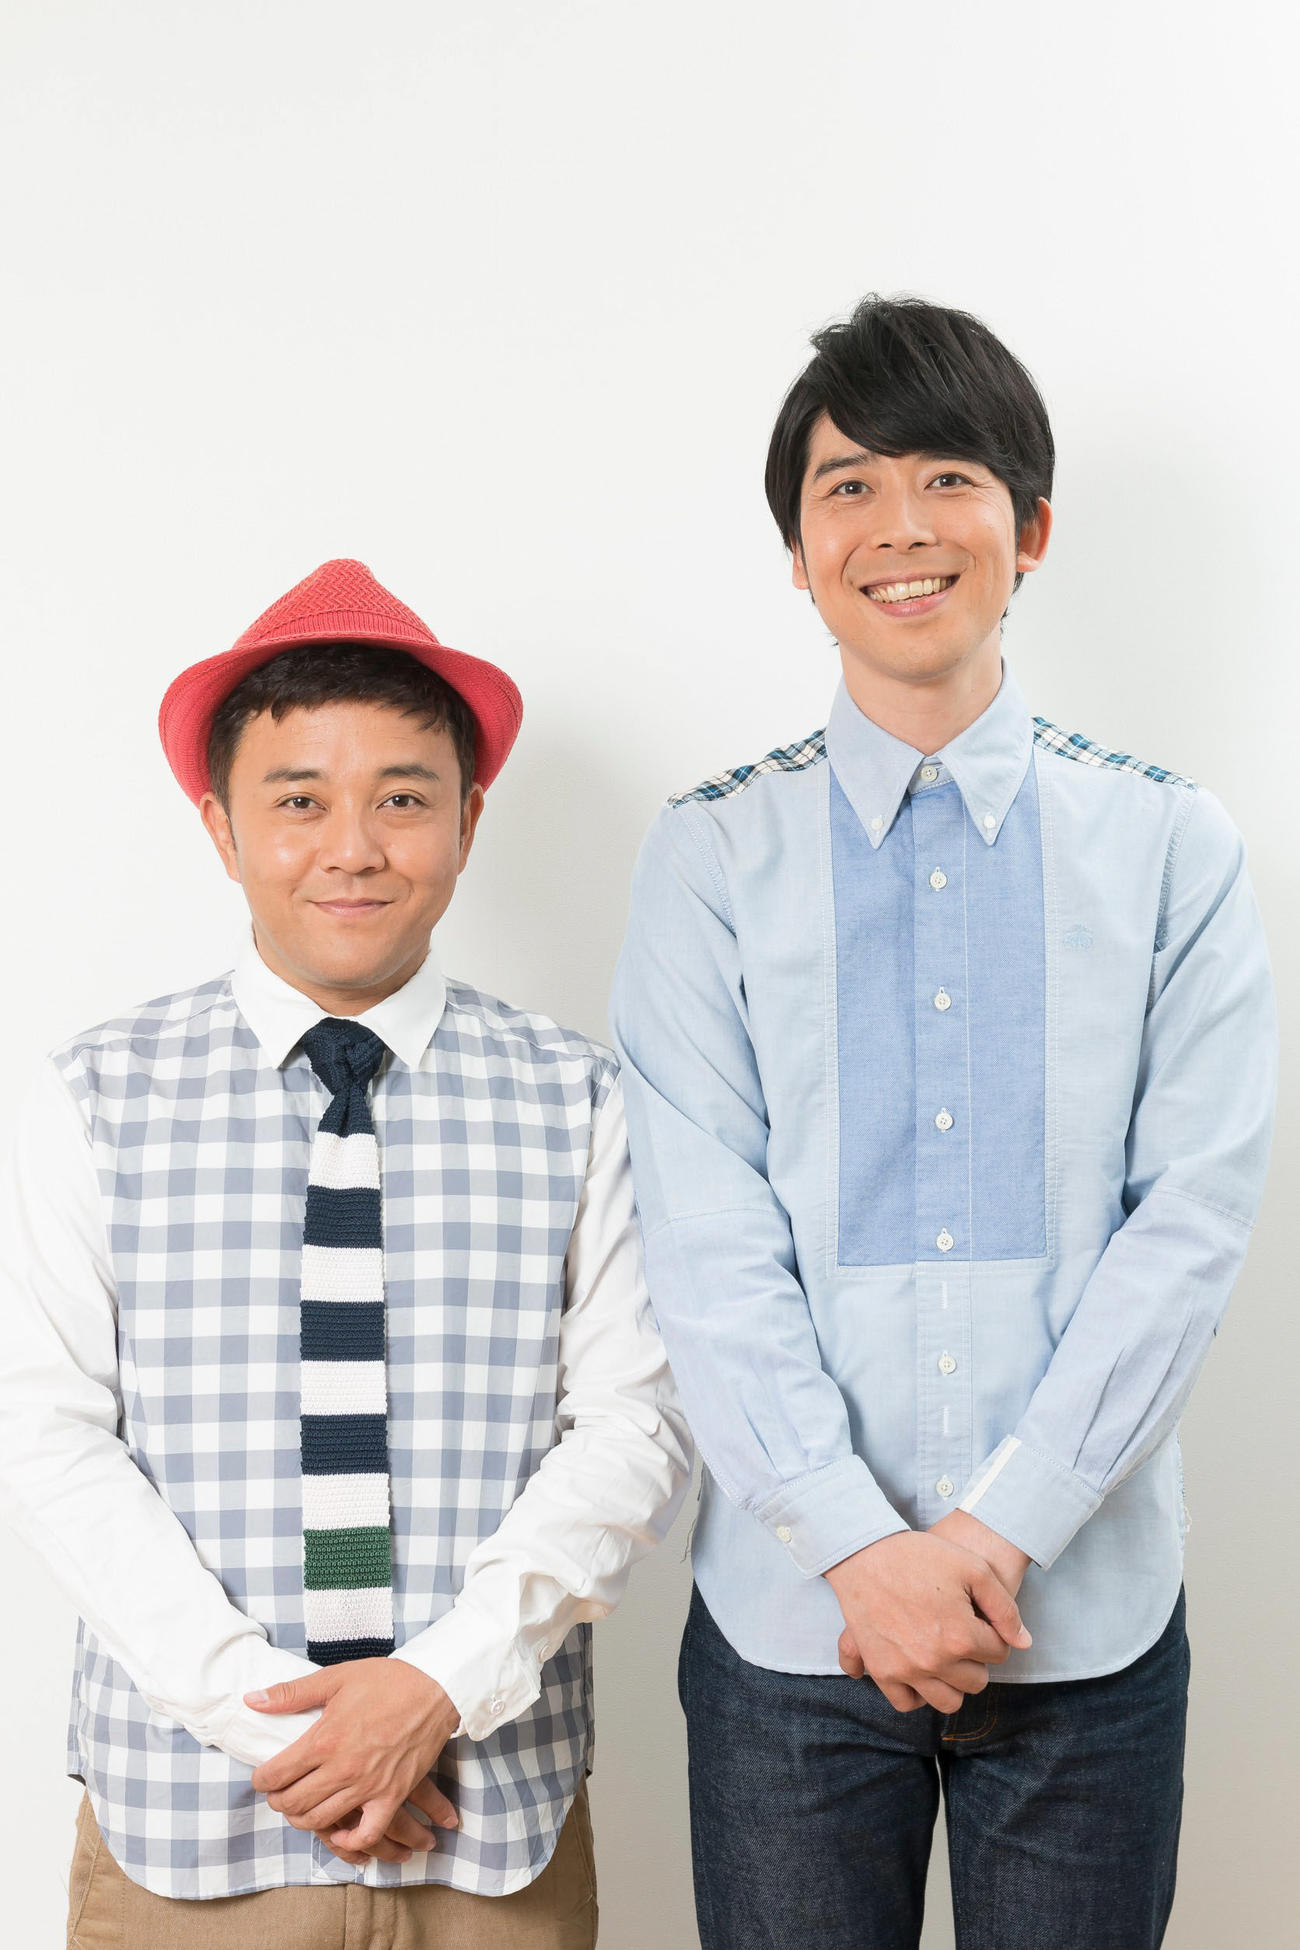 PCR検査の結果、新型コロナウイルス陰性であったことを発表したお笑いコンビ「パラシュート部隊」の斉藤優(左)と矢野ぺぺ